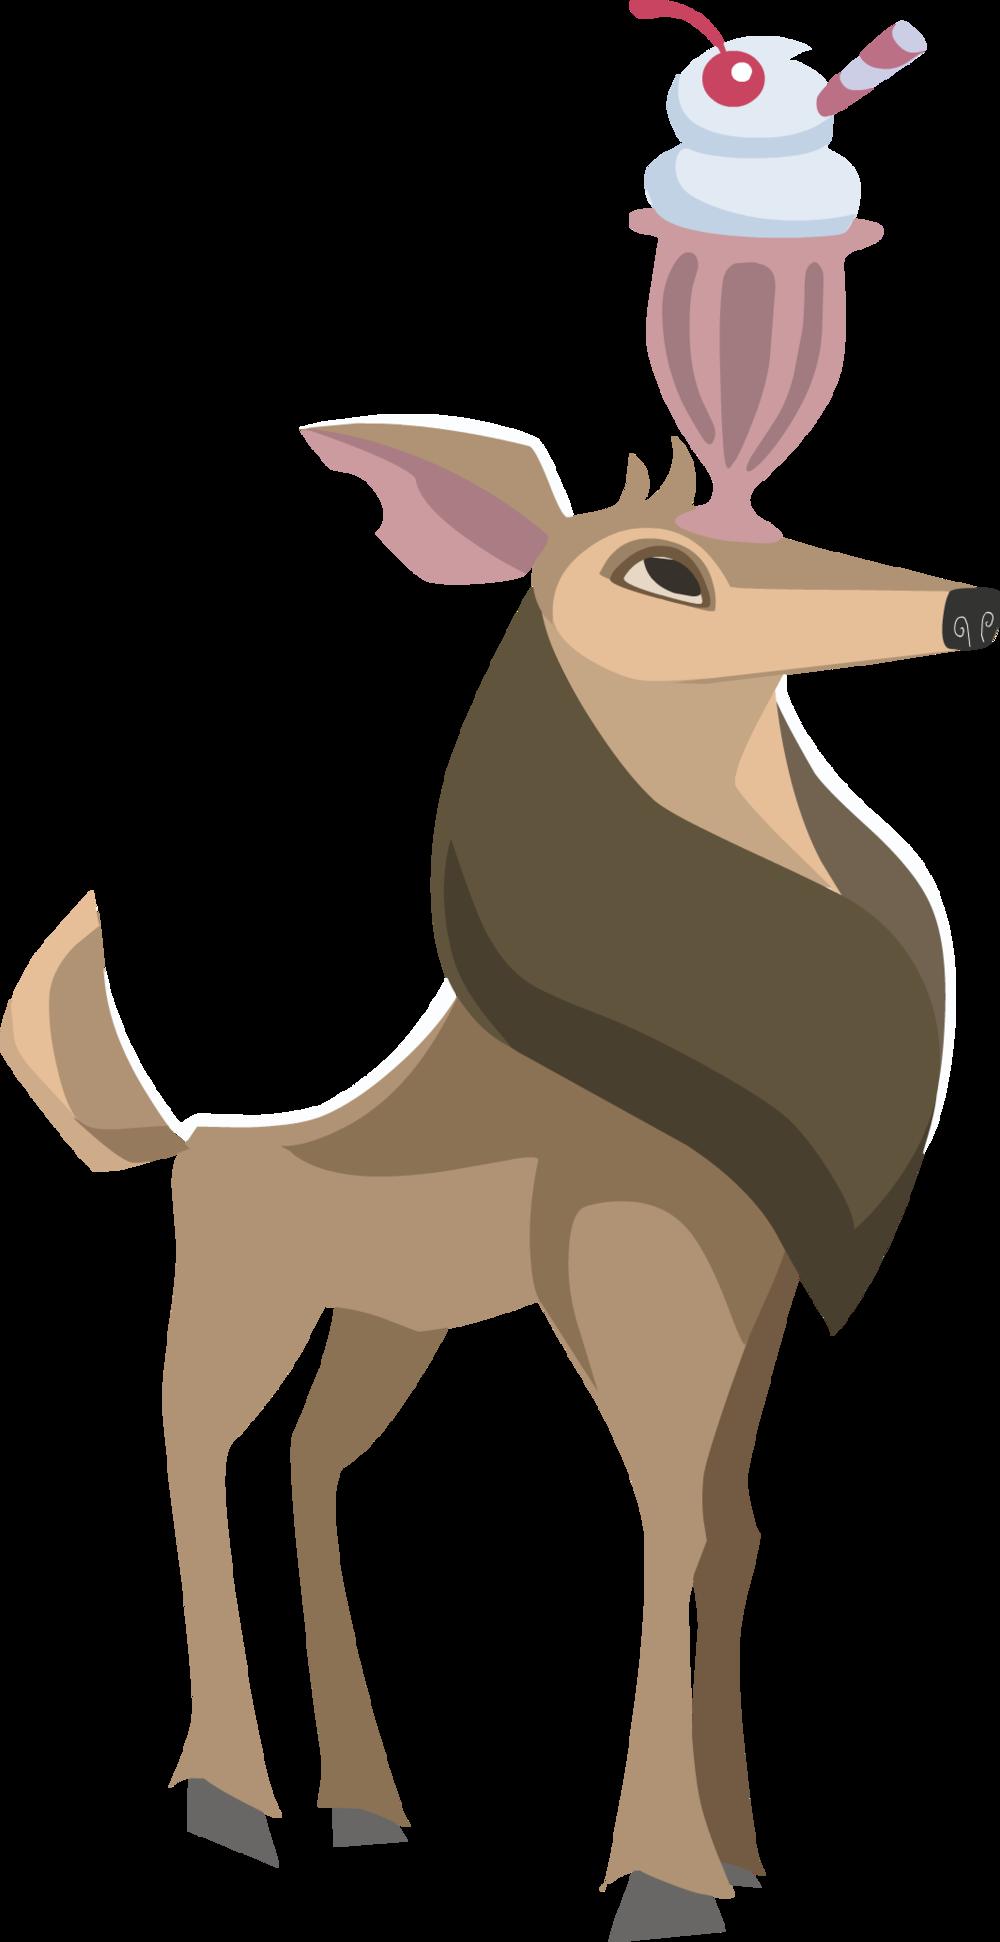 Png Deerpng Animal Jam Archives Deer Animal Jam Archives